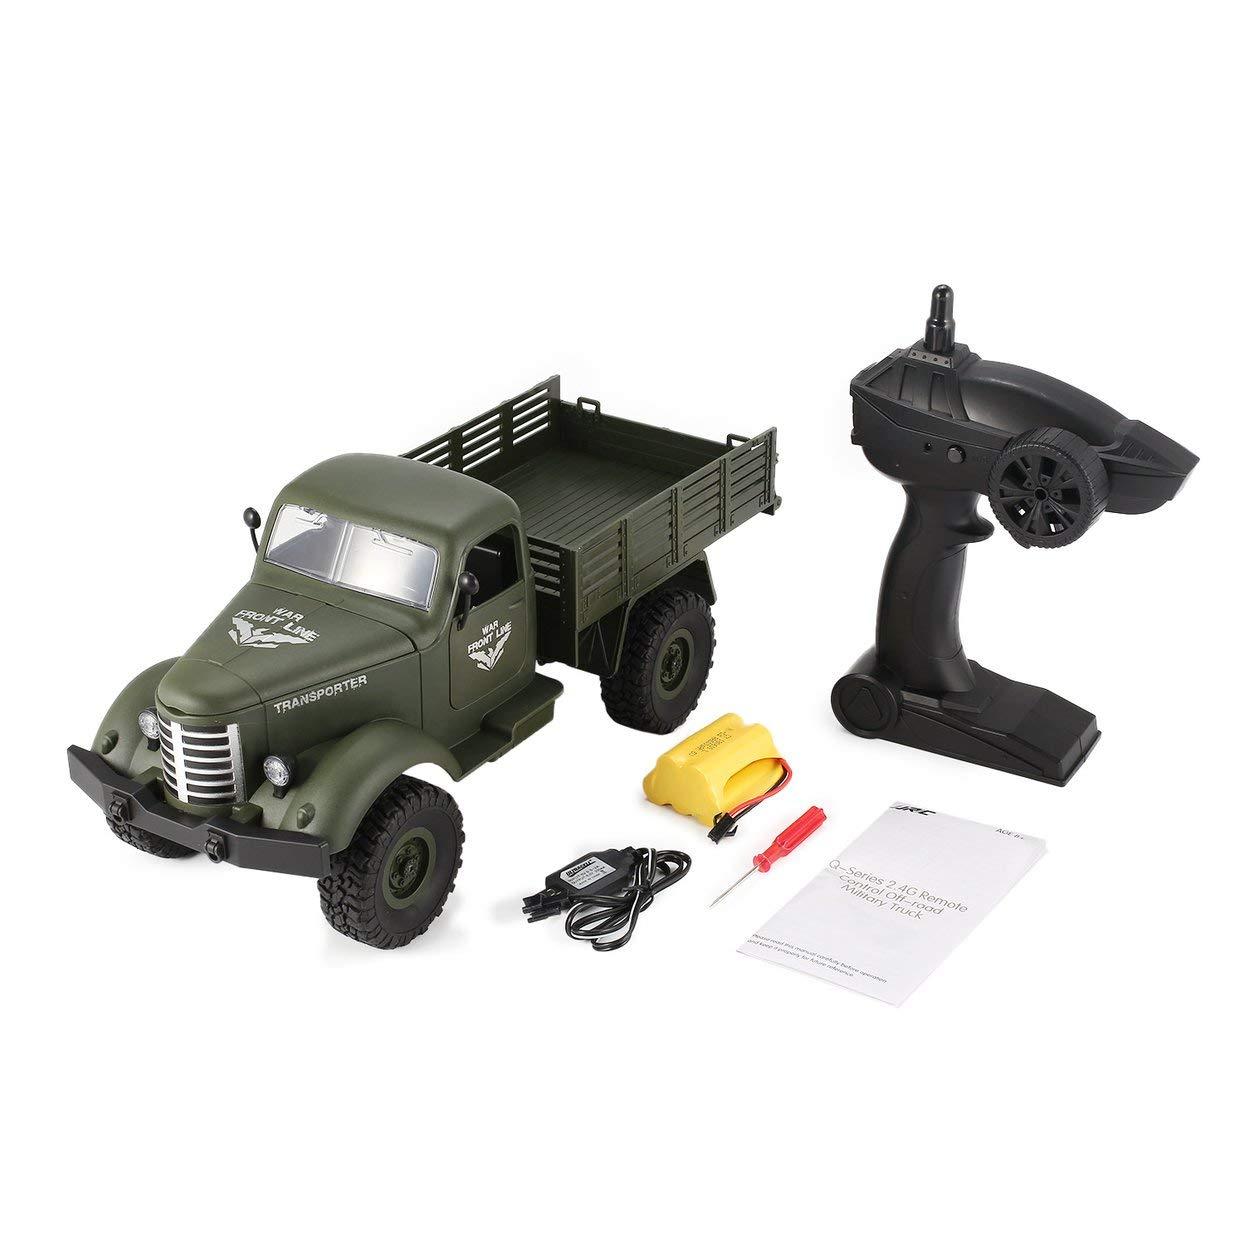 LoveOlvidoD JJR / C Q61 1/16 2,4G 4WD RC Off-Road Militär Truck Transporter RC Auto Fernbedienung Fahrzeug für Kinder Geschenk Kinder Spielzeug